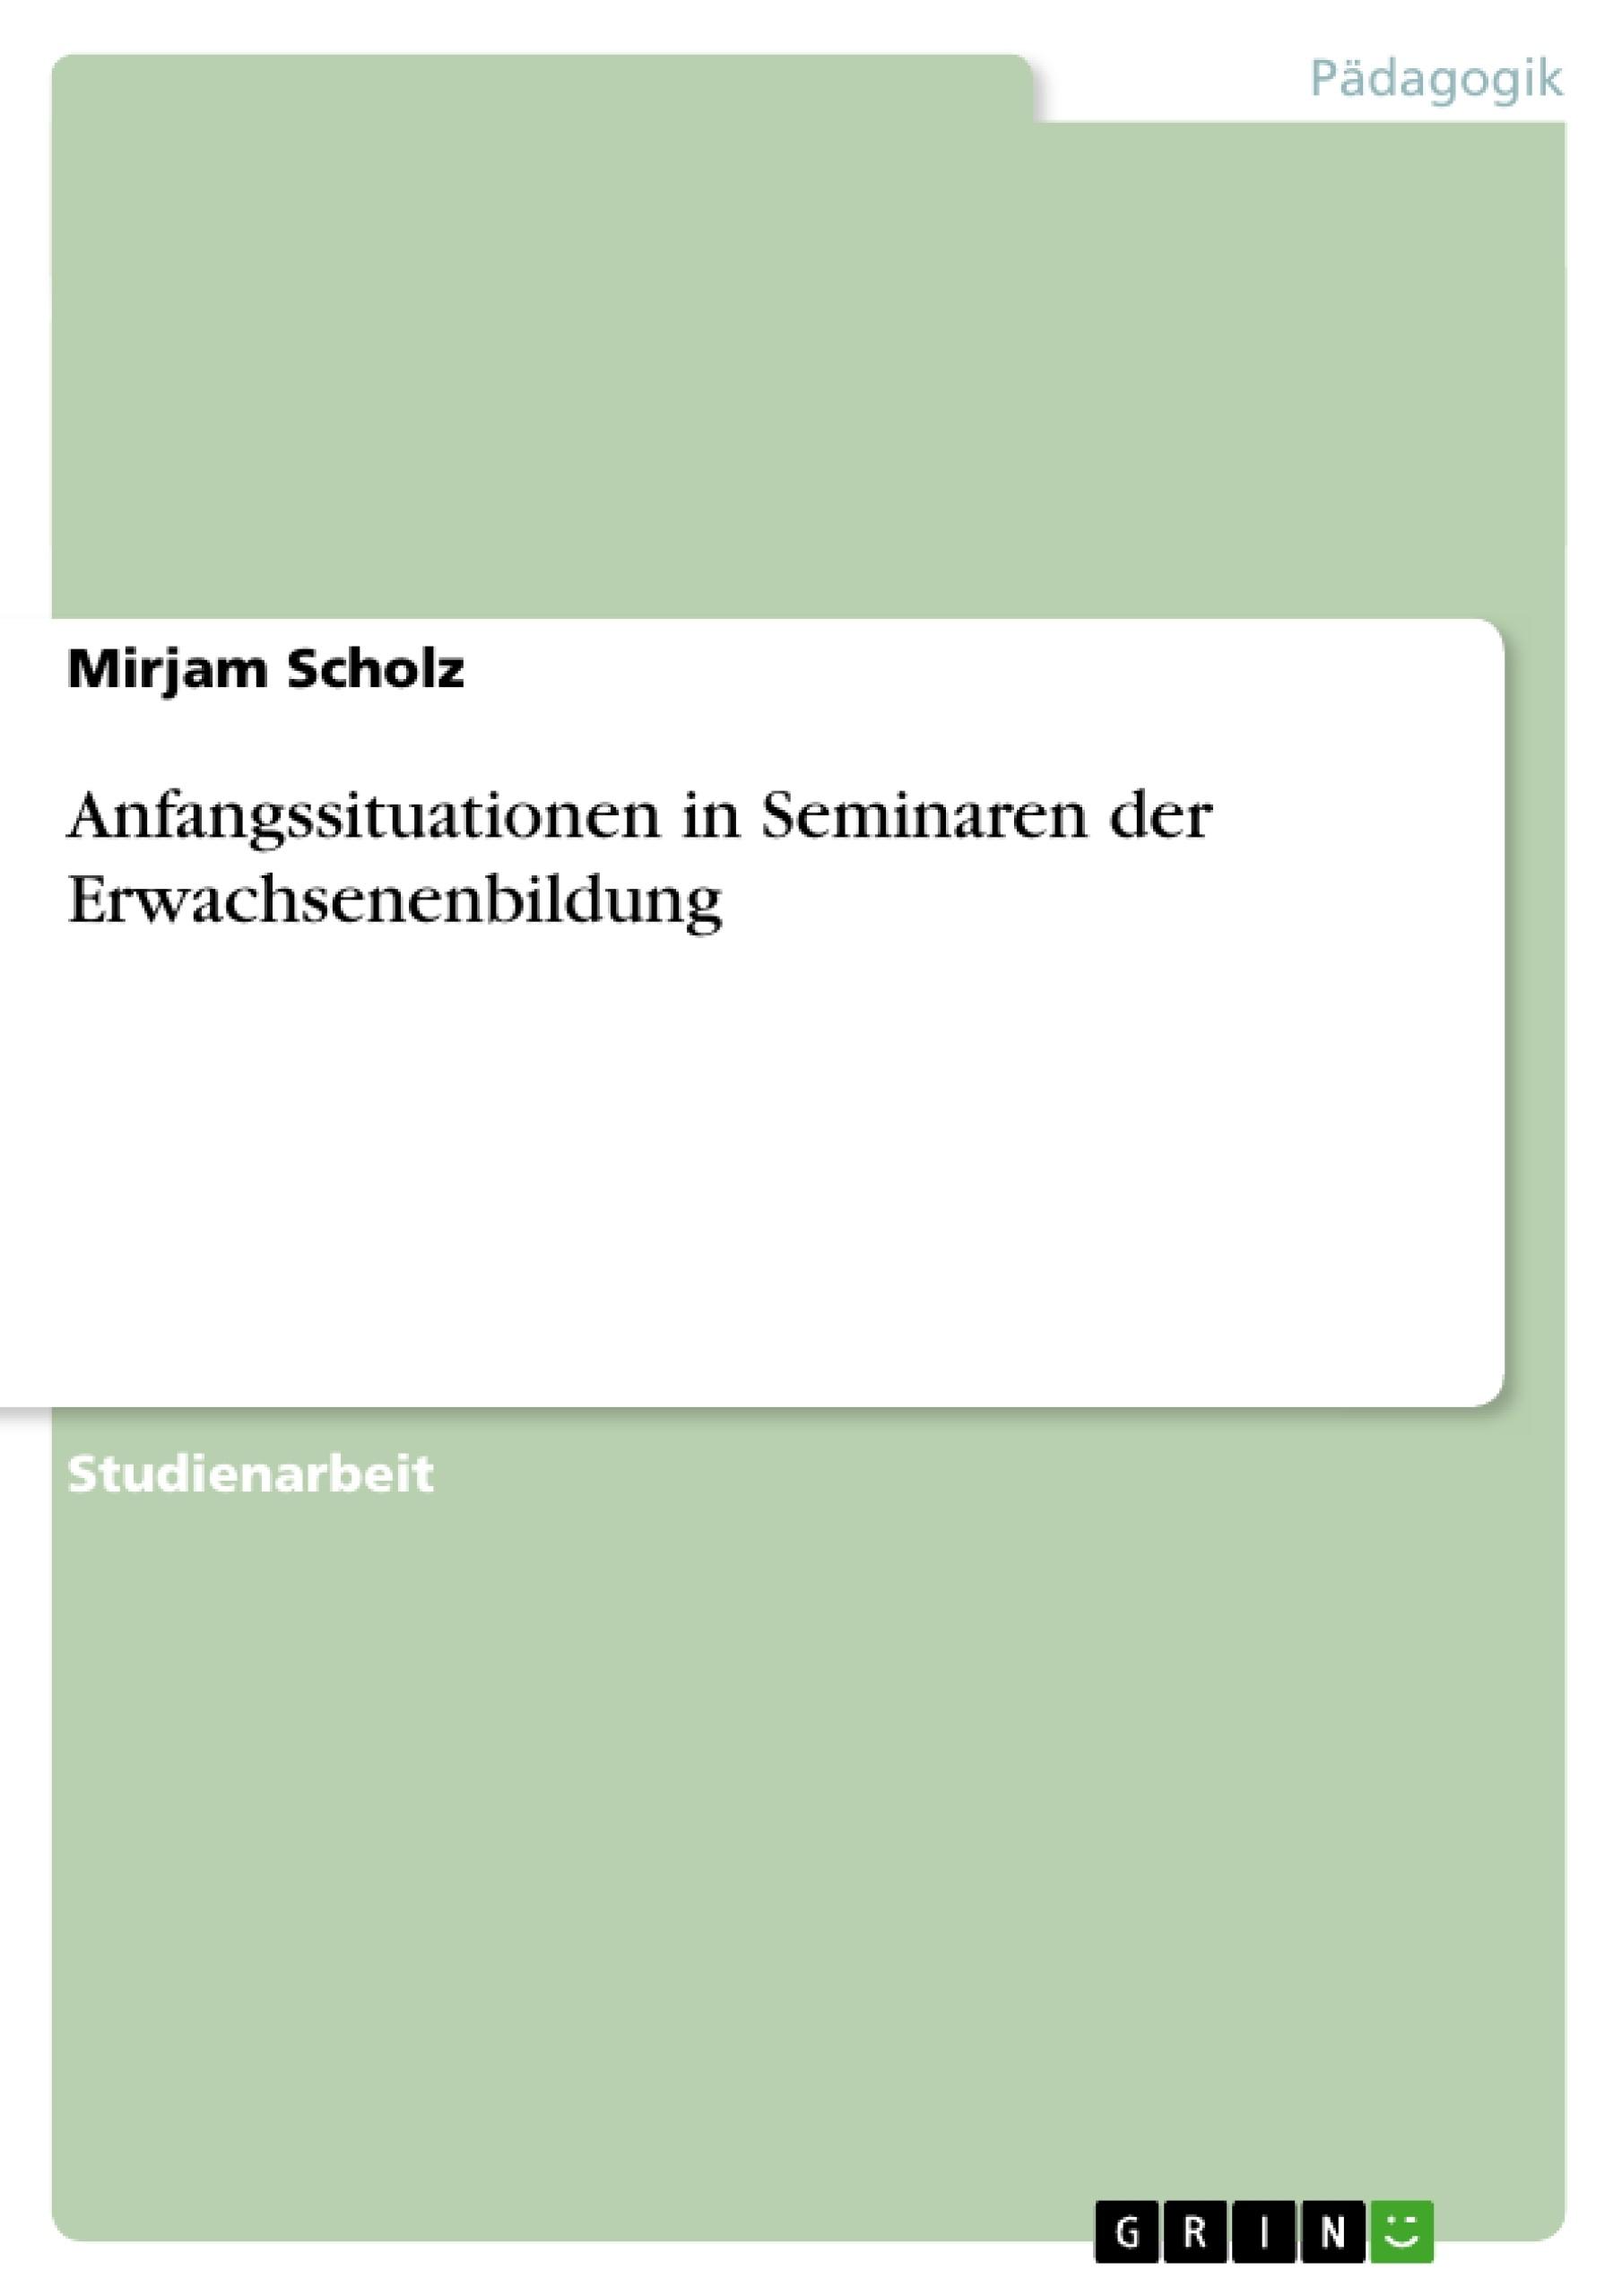 Titel: Anfangssituationen in Seminaren der Erwachsenenbildung